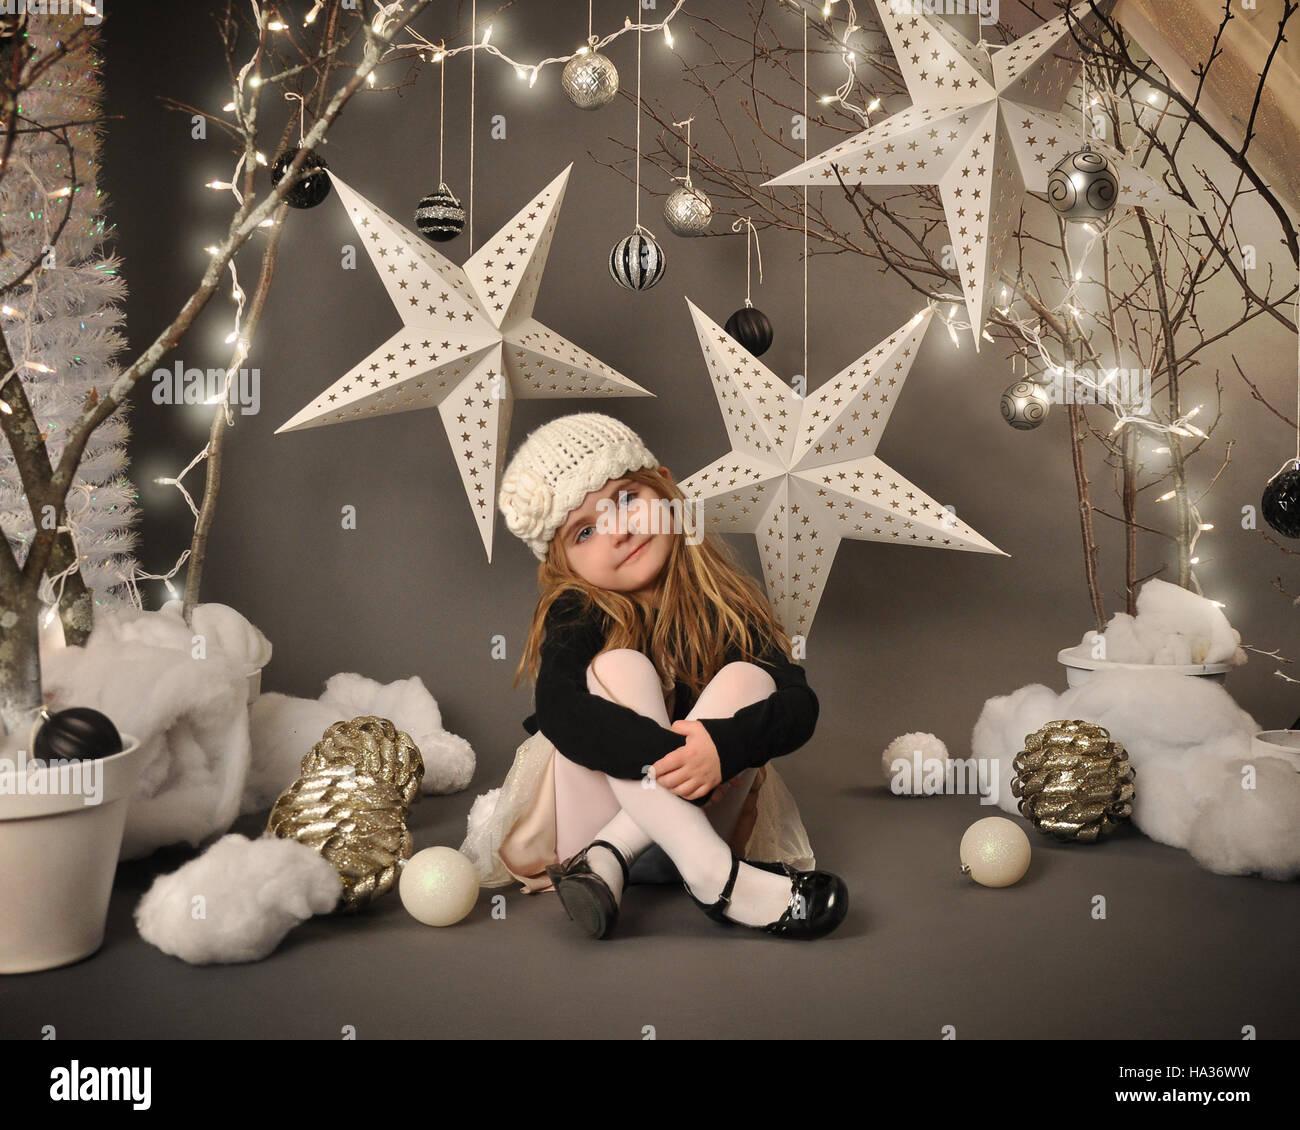 Una niña pequeña está sentada en un país de las maravillas invernal setip con árboles, estrellas colgantes y luces de Navidad alrededor del fondo para una temporada o vacaciones con Foto de stock